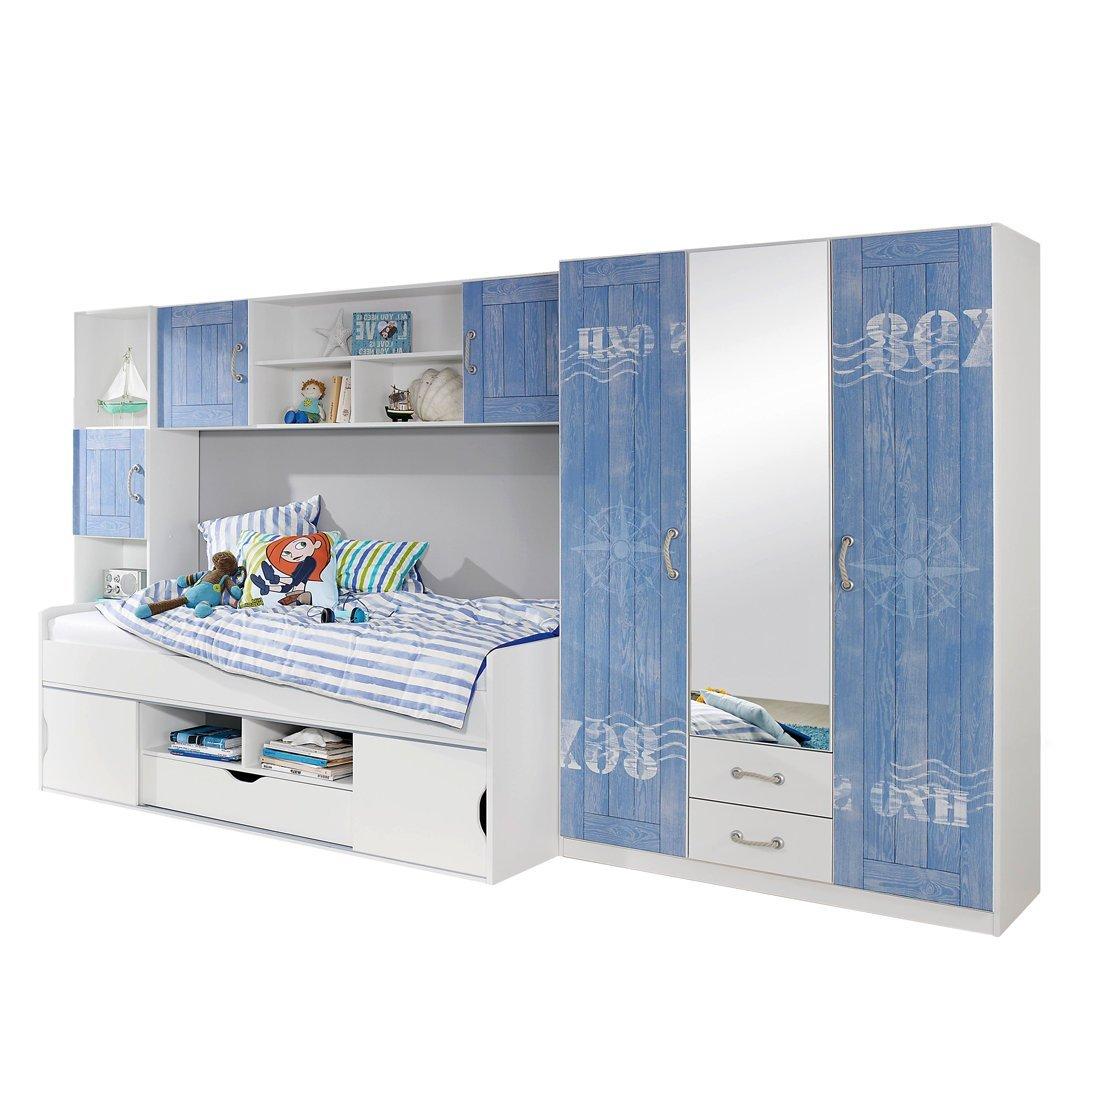 Rauch Jugendzimmer Kinderzimmer Weiß Alpin, Printdekor Blau, 4 ...